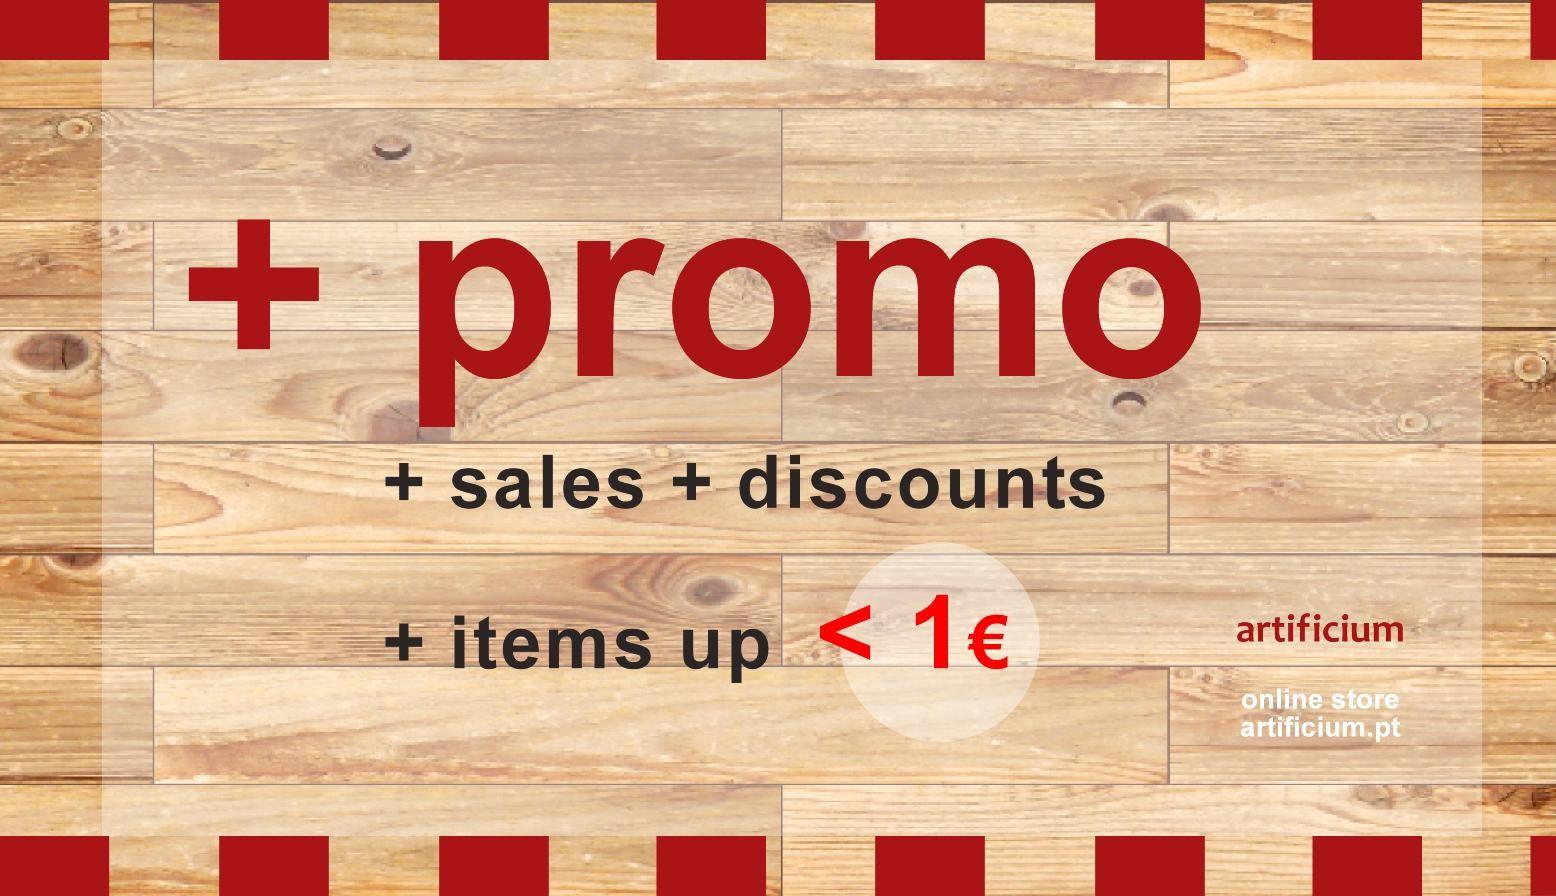 + promo - 1€